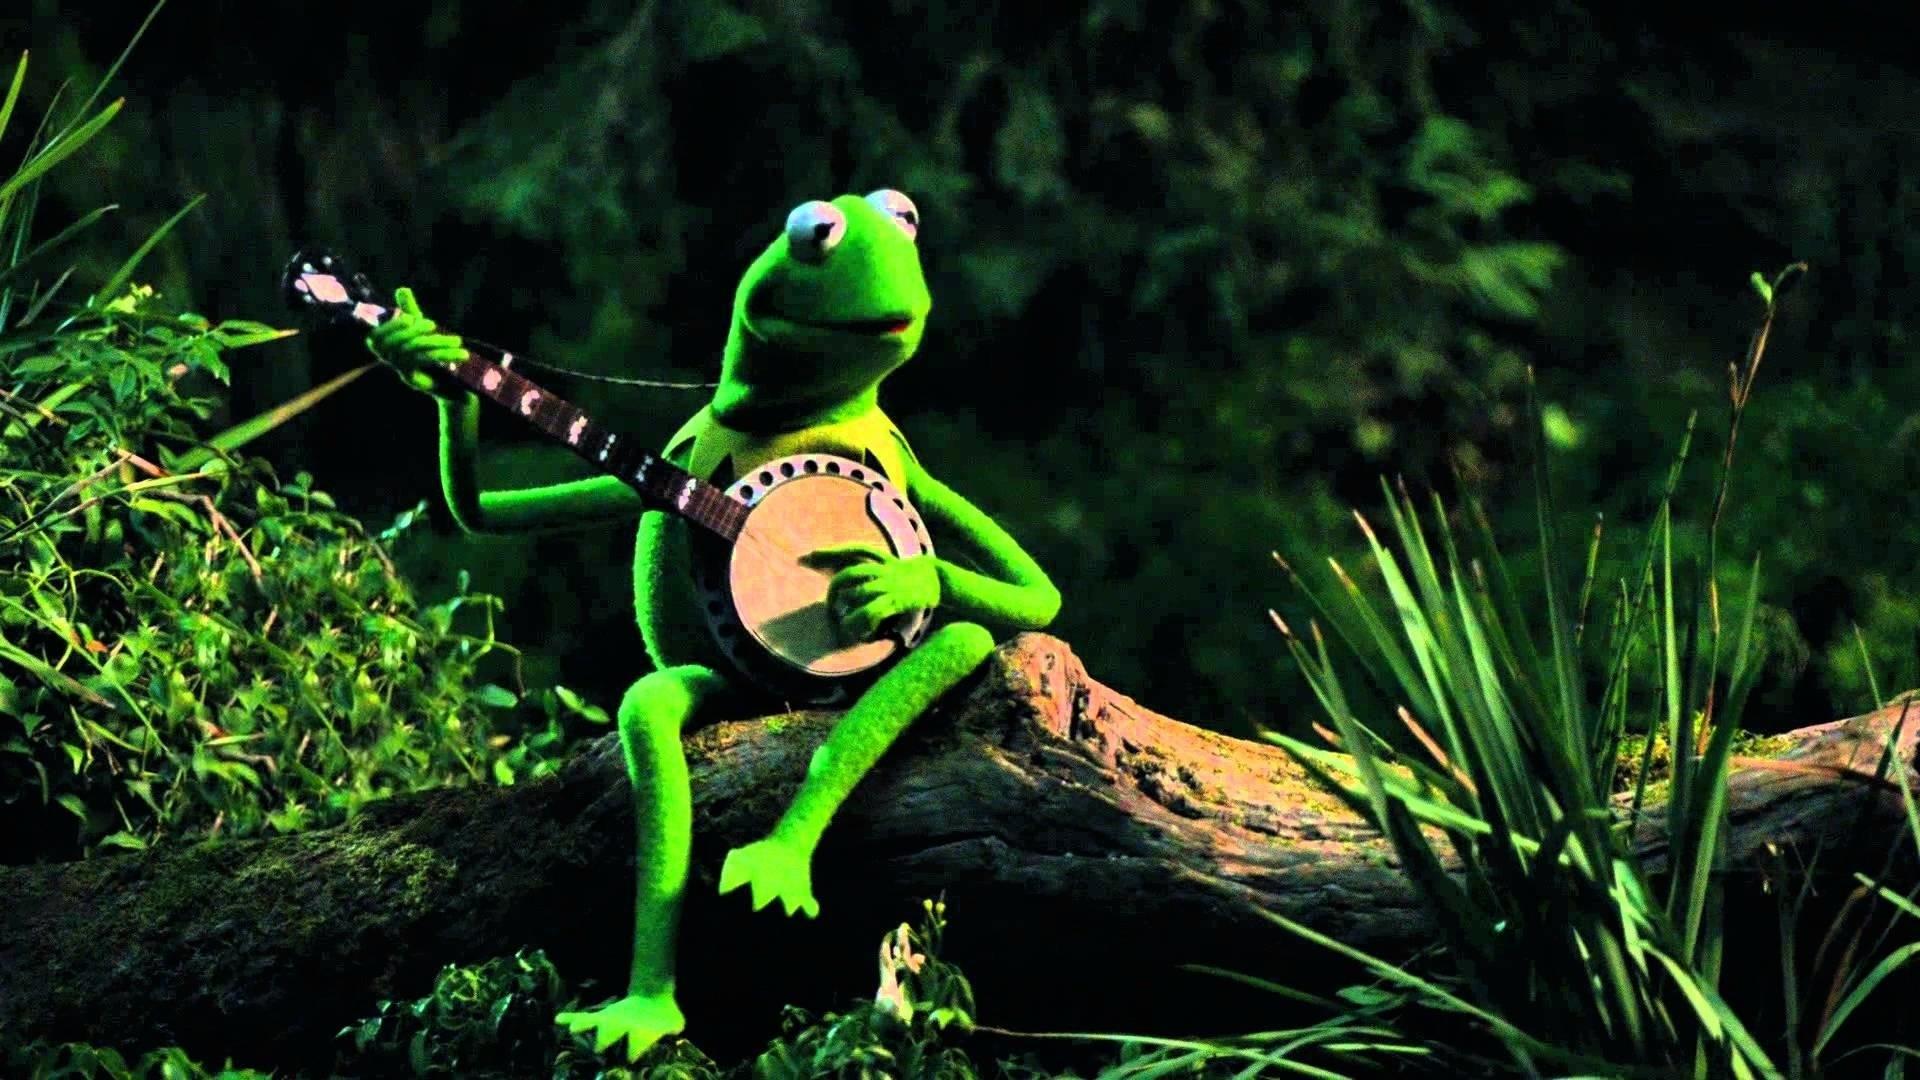 Hearts Kermit The Frog Desktop Wallpaper